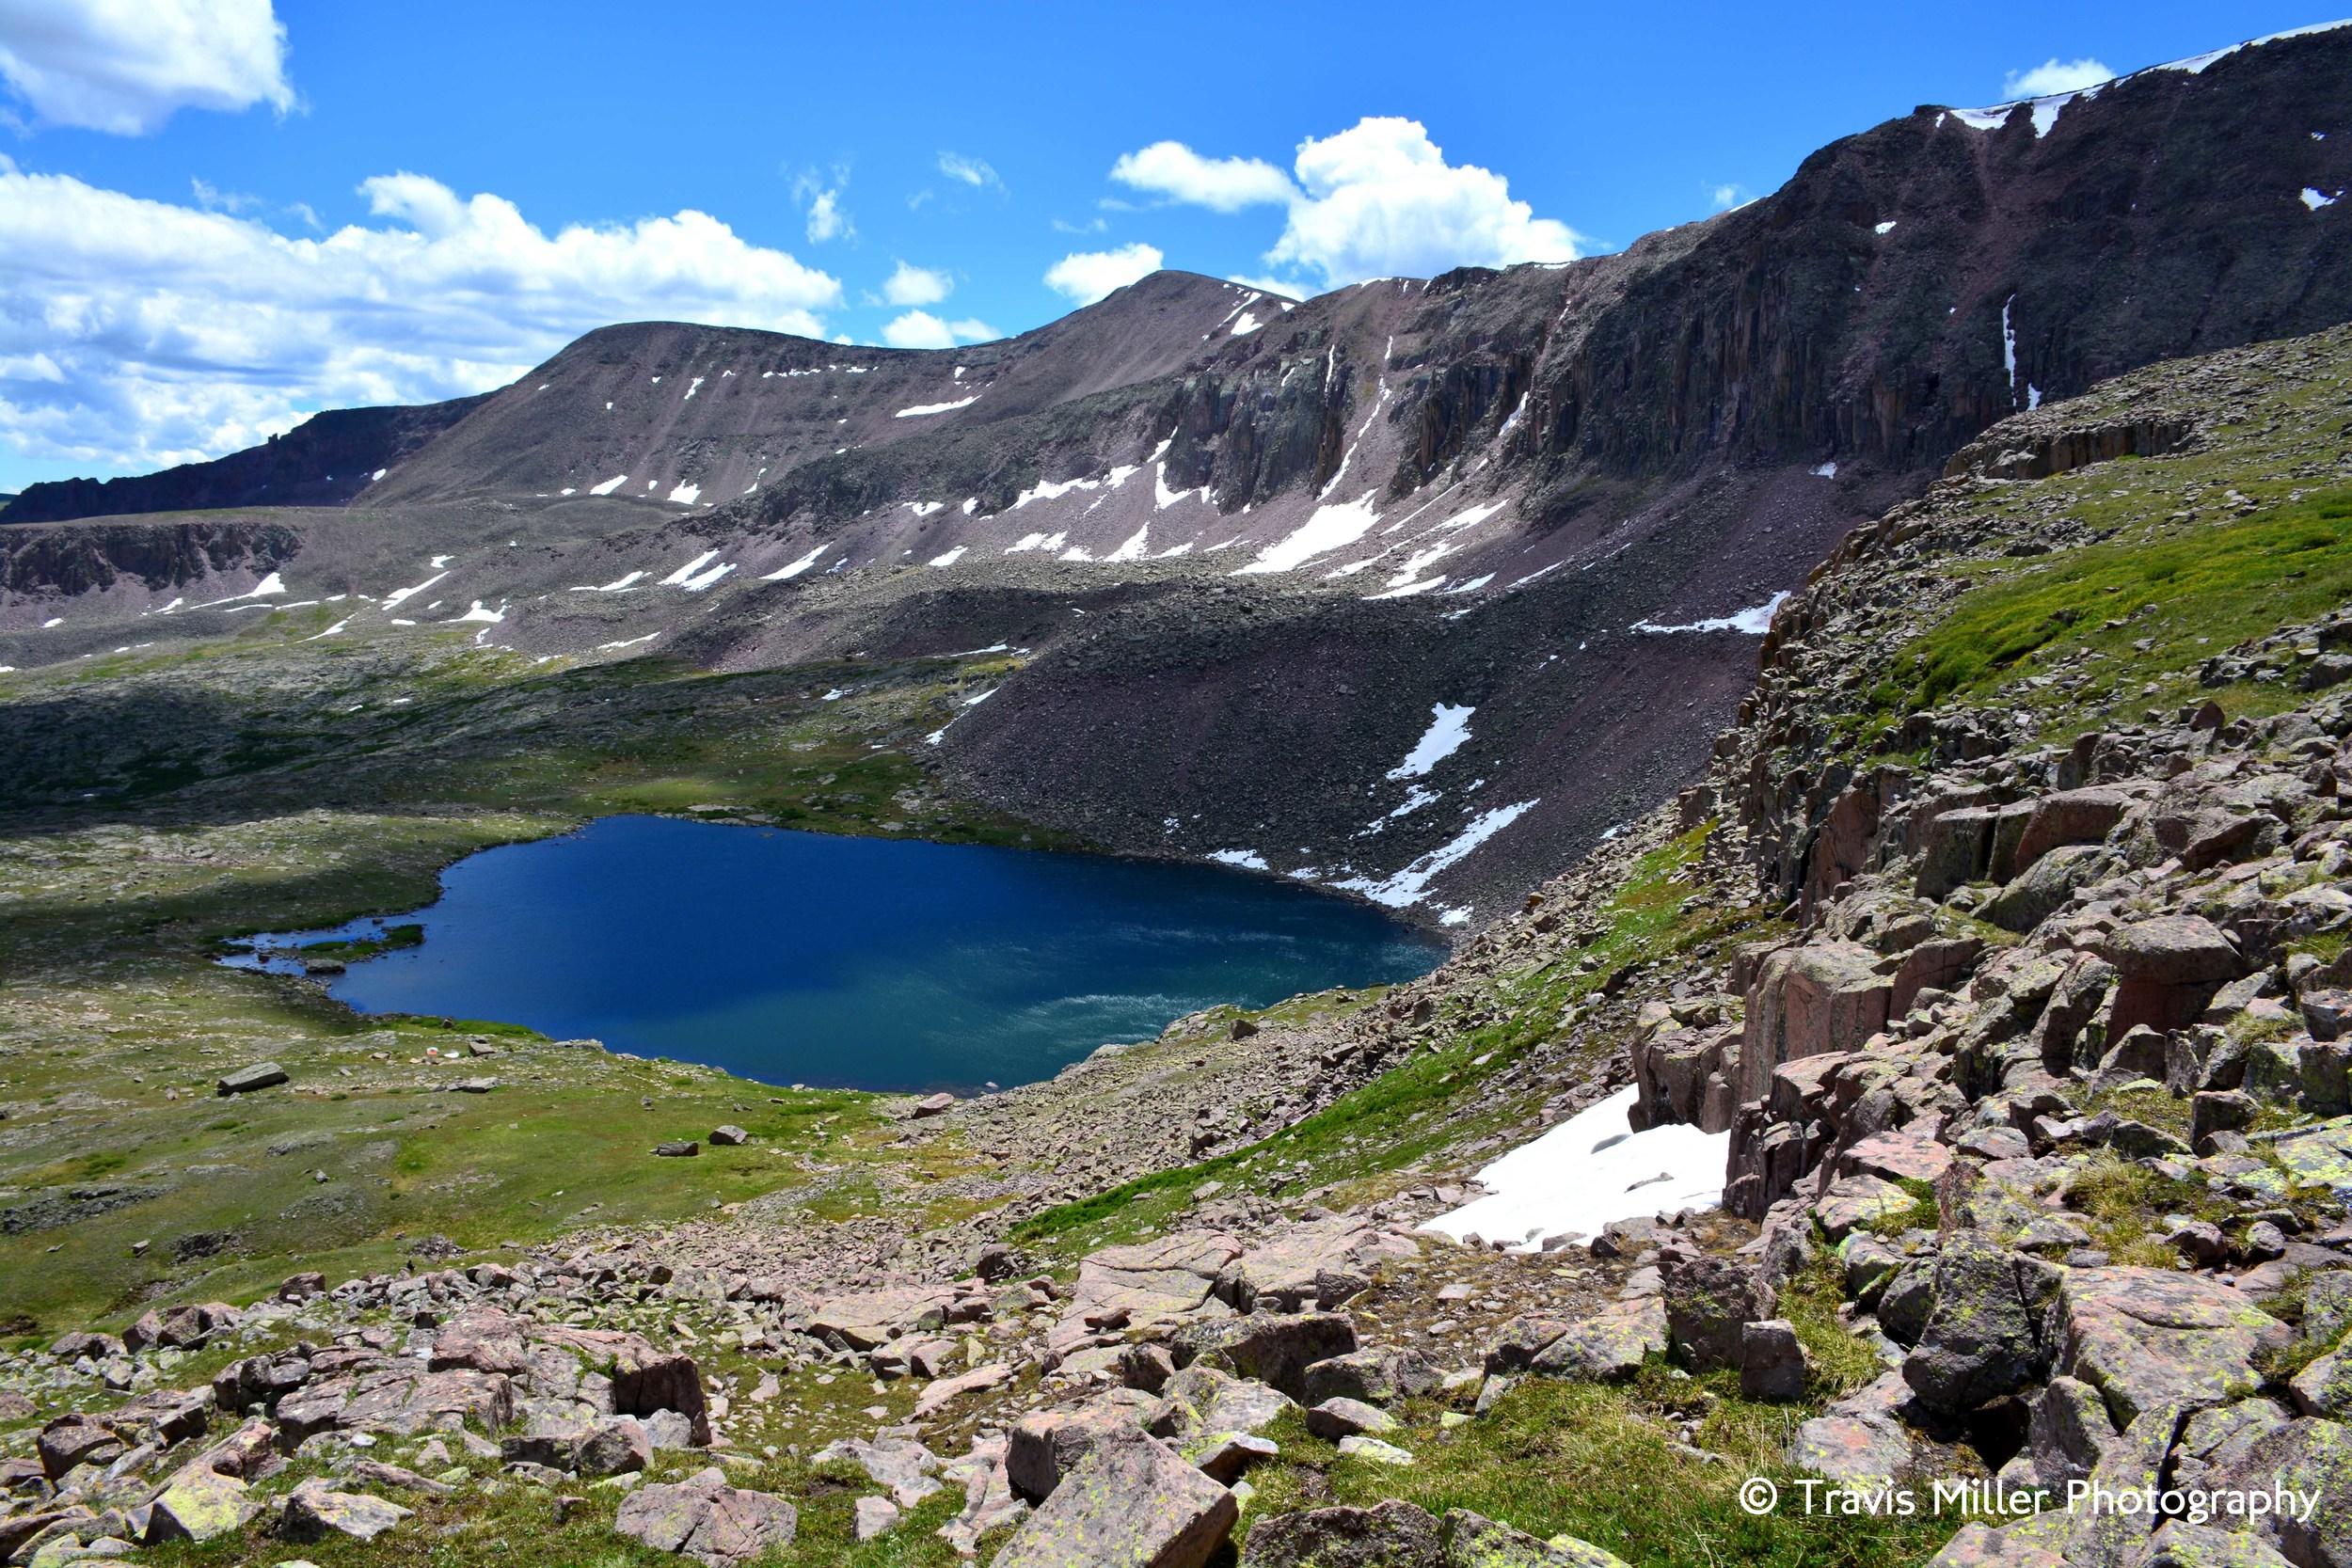 Machin Lake /     La Garita Wilderness Area, CO